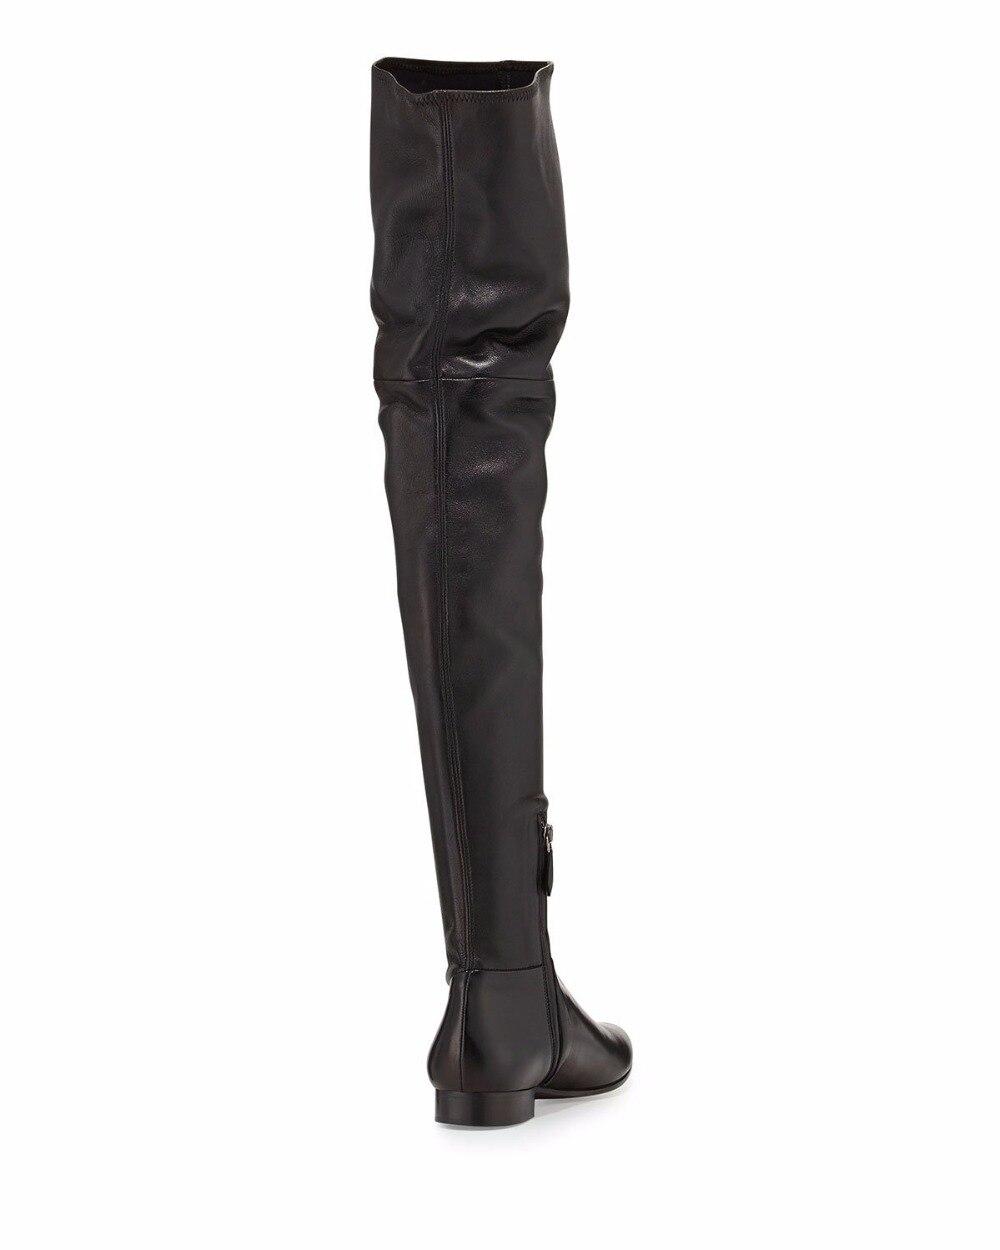 De Bottes Zip Black Rond À Femmes Décontracté Fête D'hiver Dames Le Sur Bout Mode Appartements Genou Côté grey Tenue Longues Aiyoway Noir U7zpRxwx